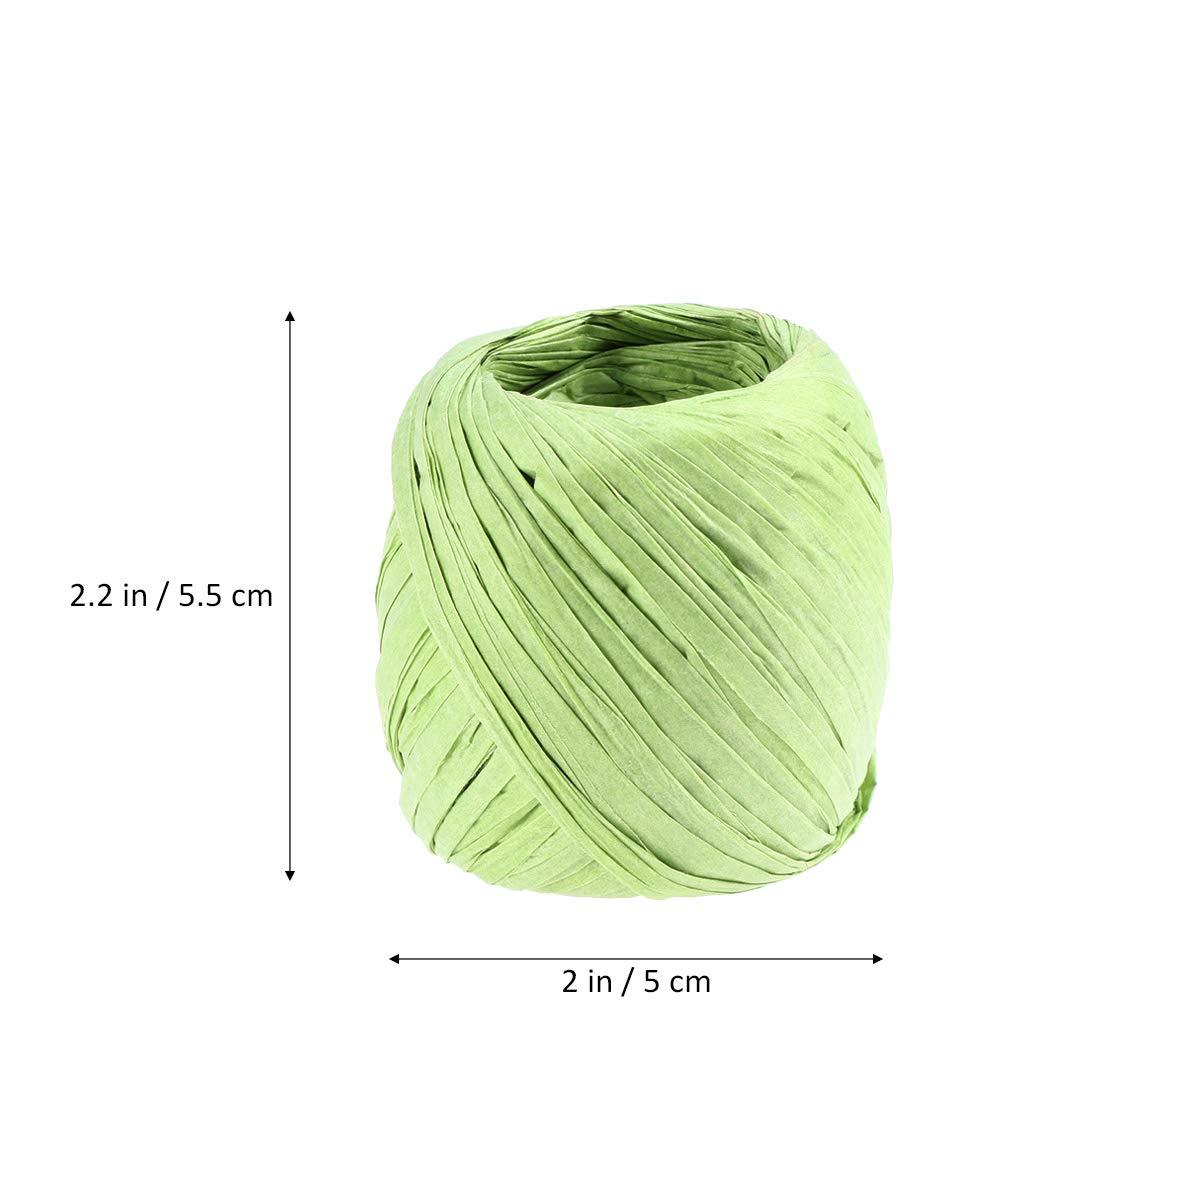 SUPVOX 10pcs Rouleau Papier Raphia Papier Artisanat Ruban Emballage Papier Ficelle pour Bricolage Artisanat Cadeaux Emballage /œuvres dart Vert